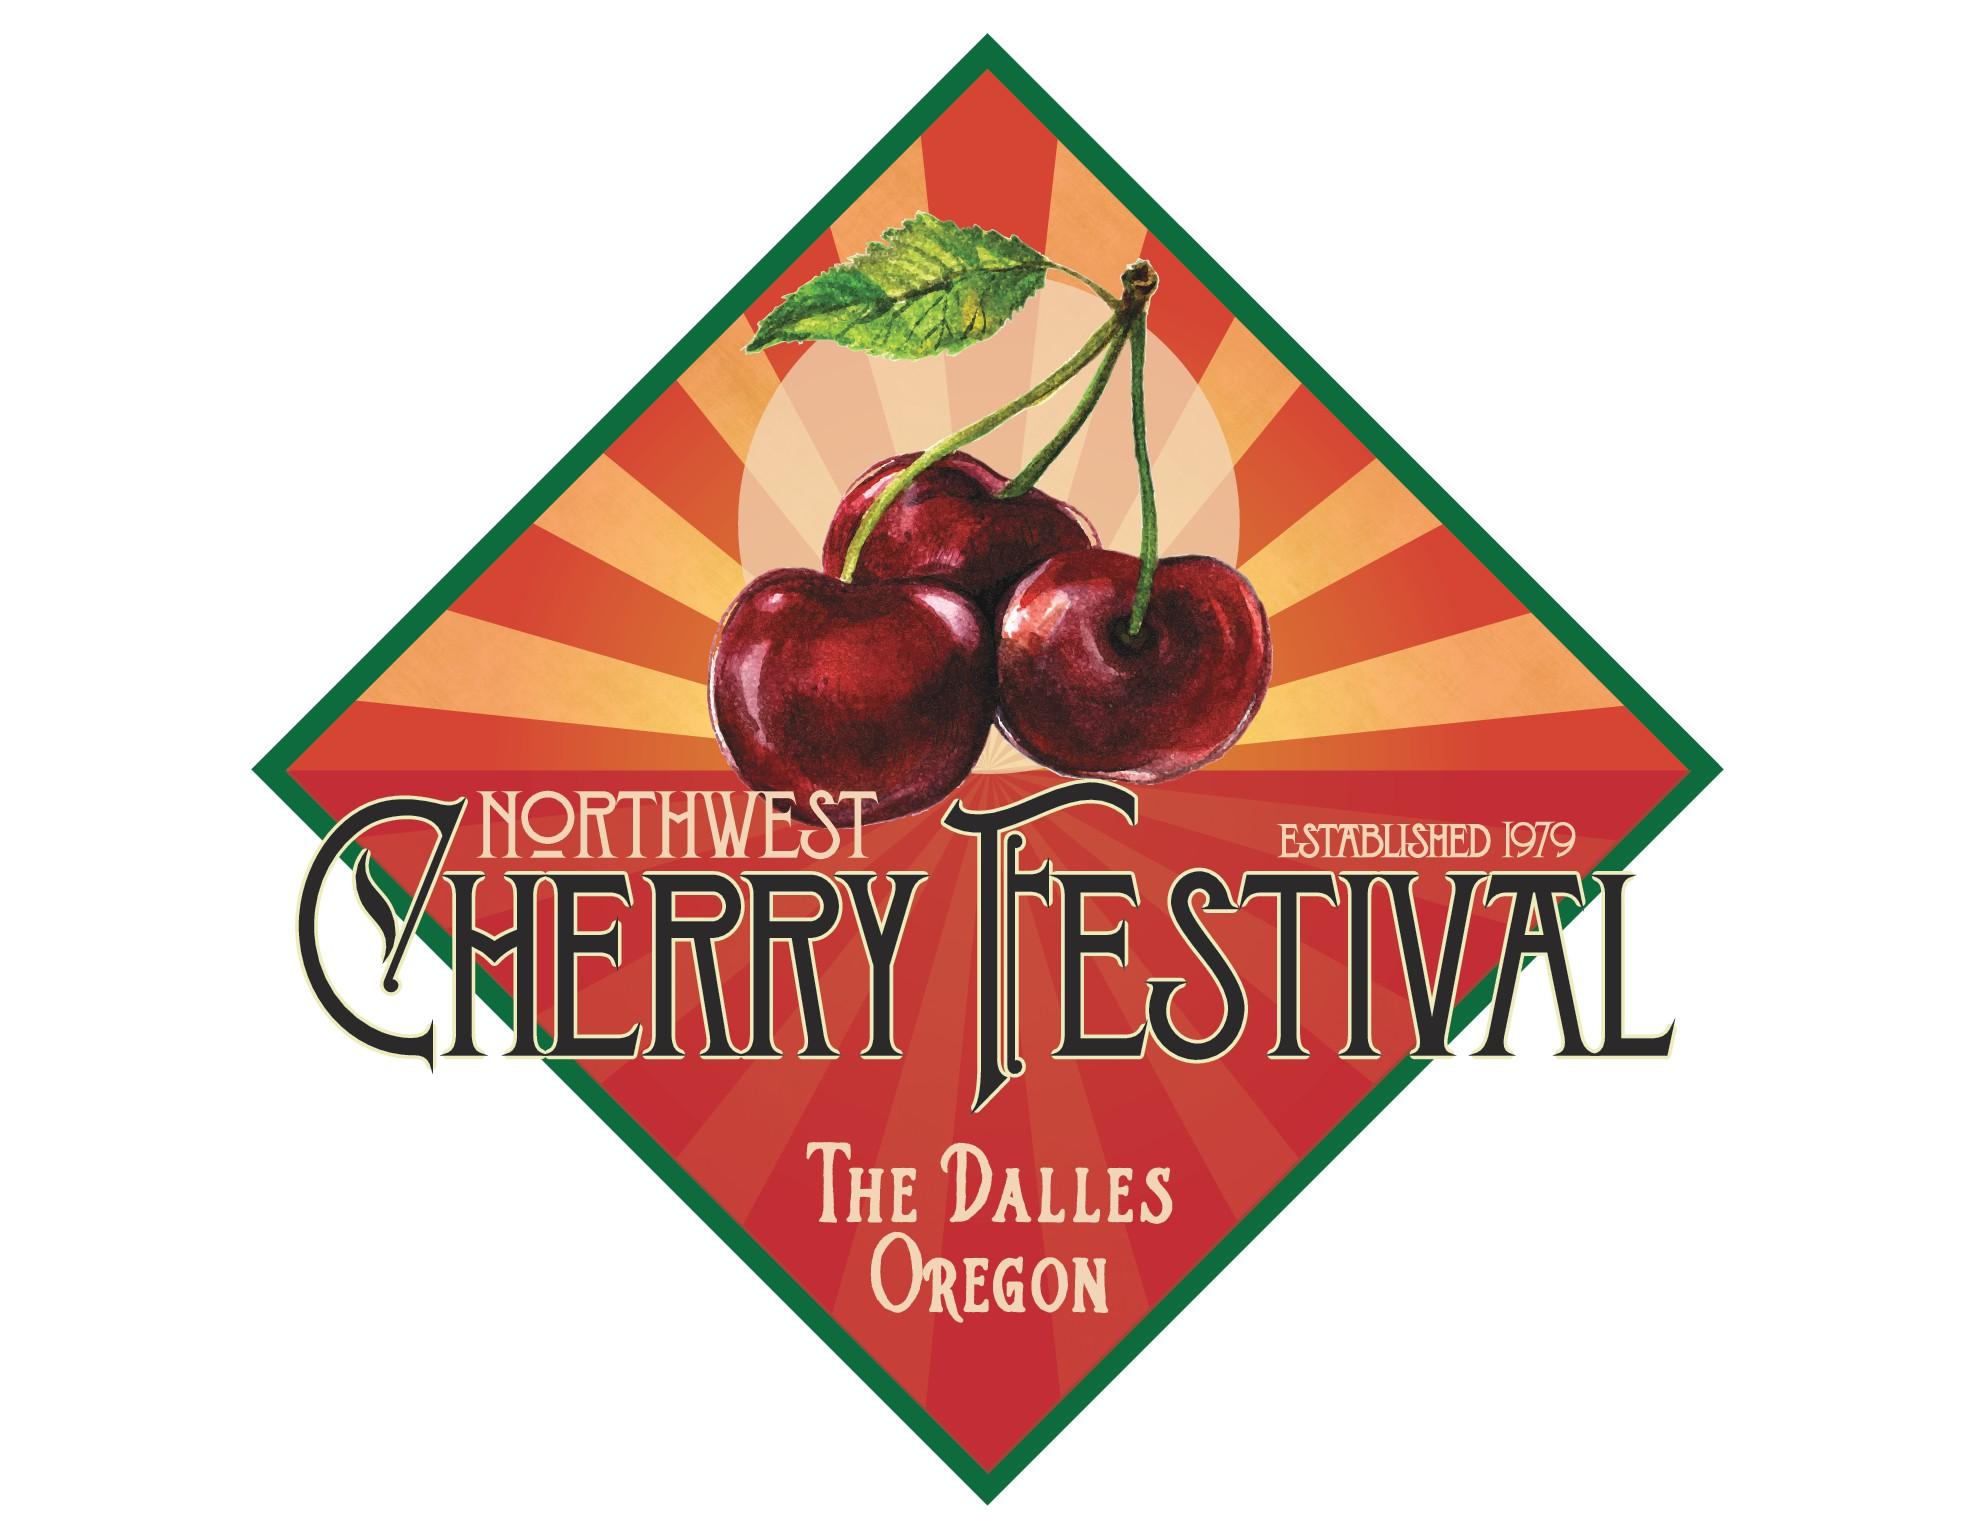 Northwest Cherry Festival